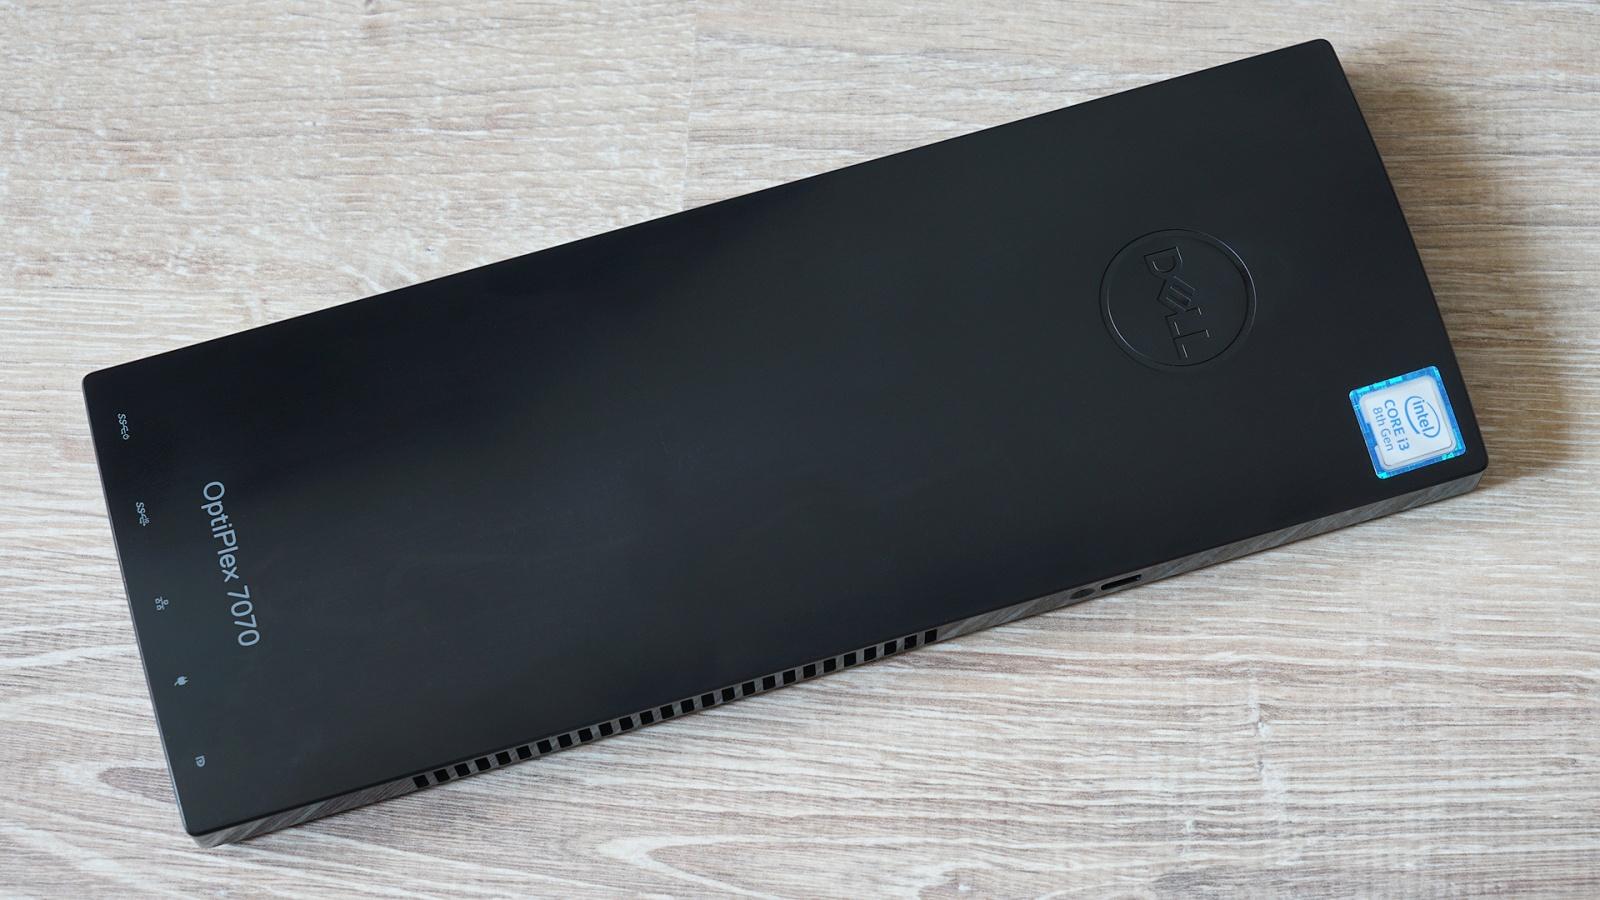 Dell OptiPlex 7070 Ultra: модульный компьютер, который превращает в моноблок любой монитор - 1